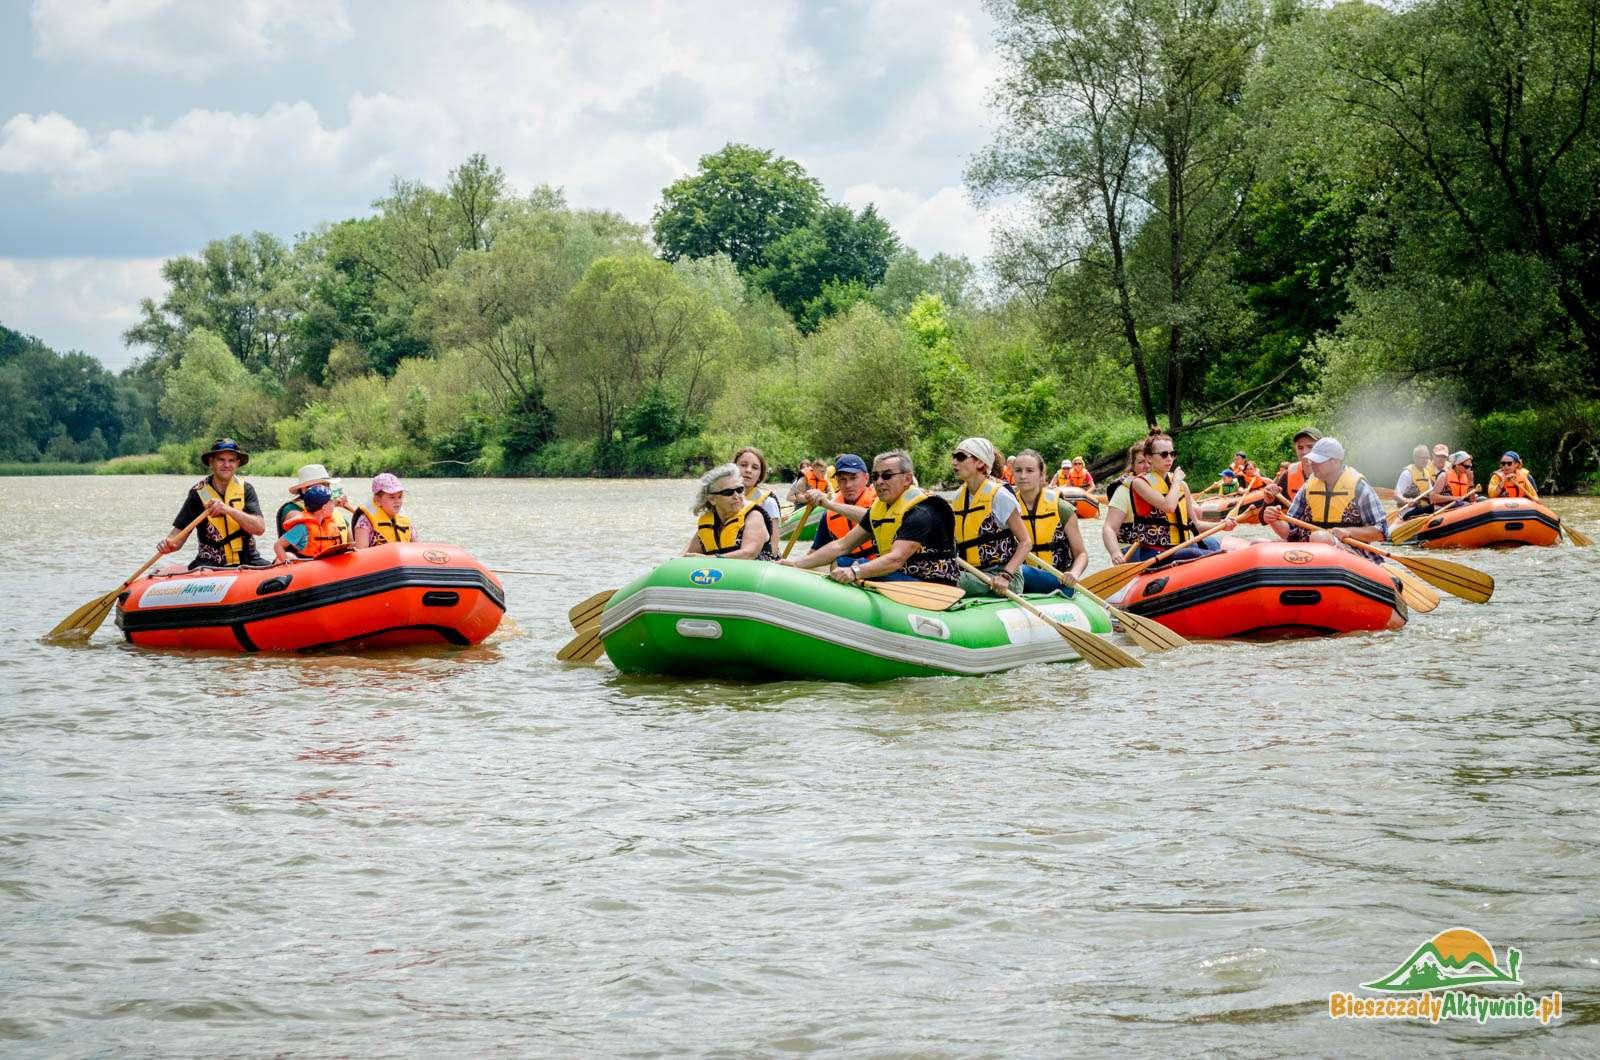 Grupa pontonów podczas spływu.